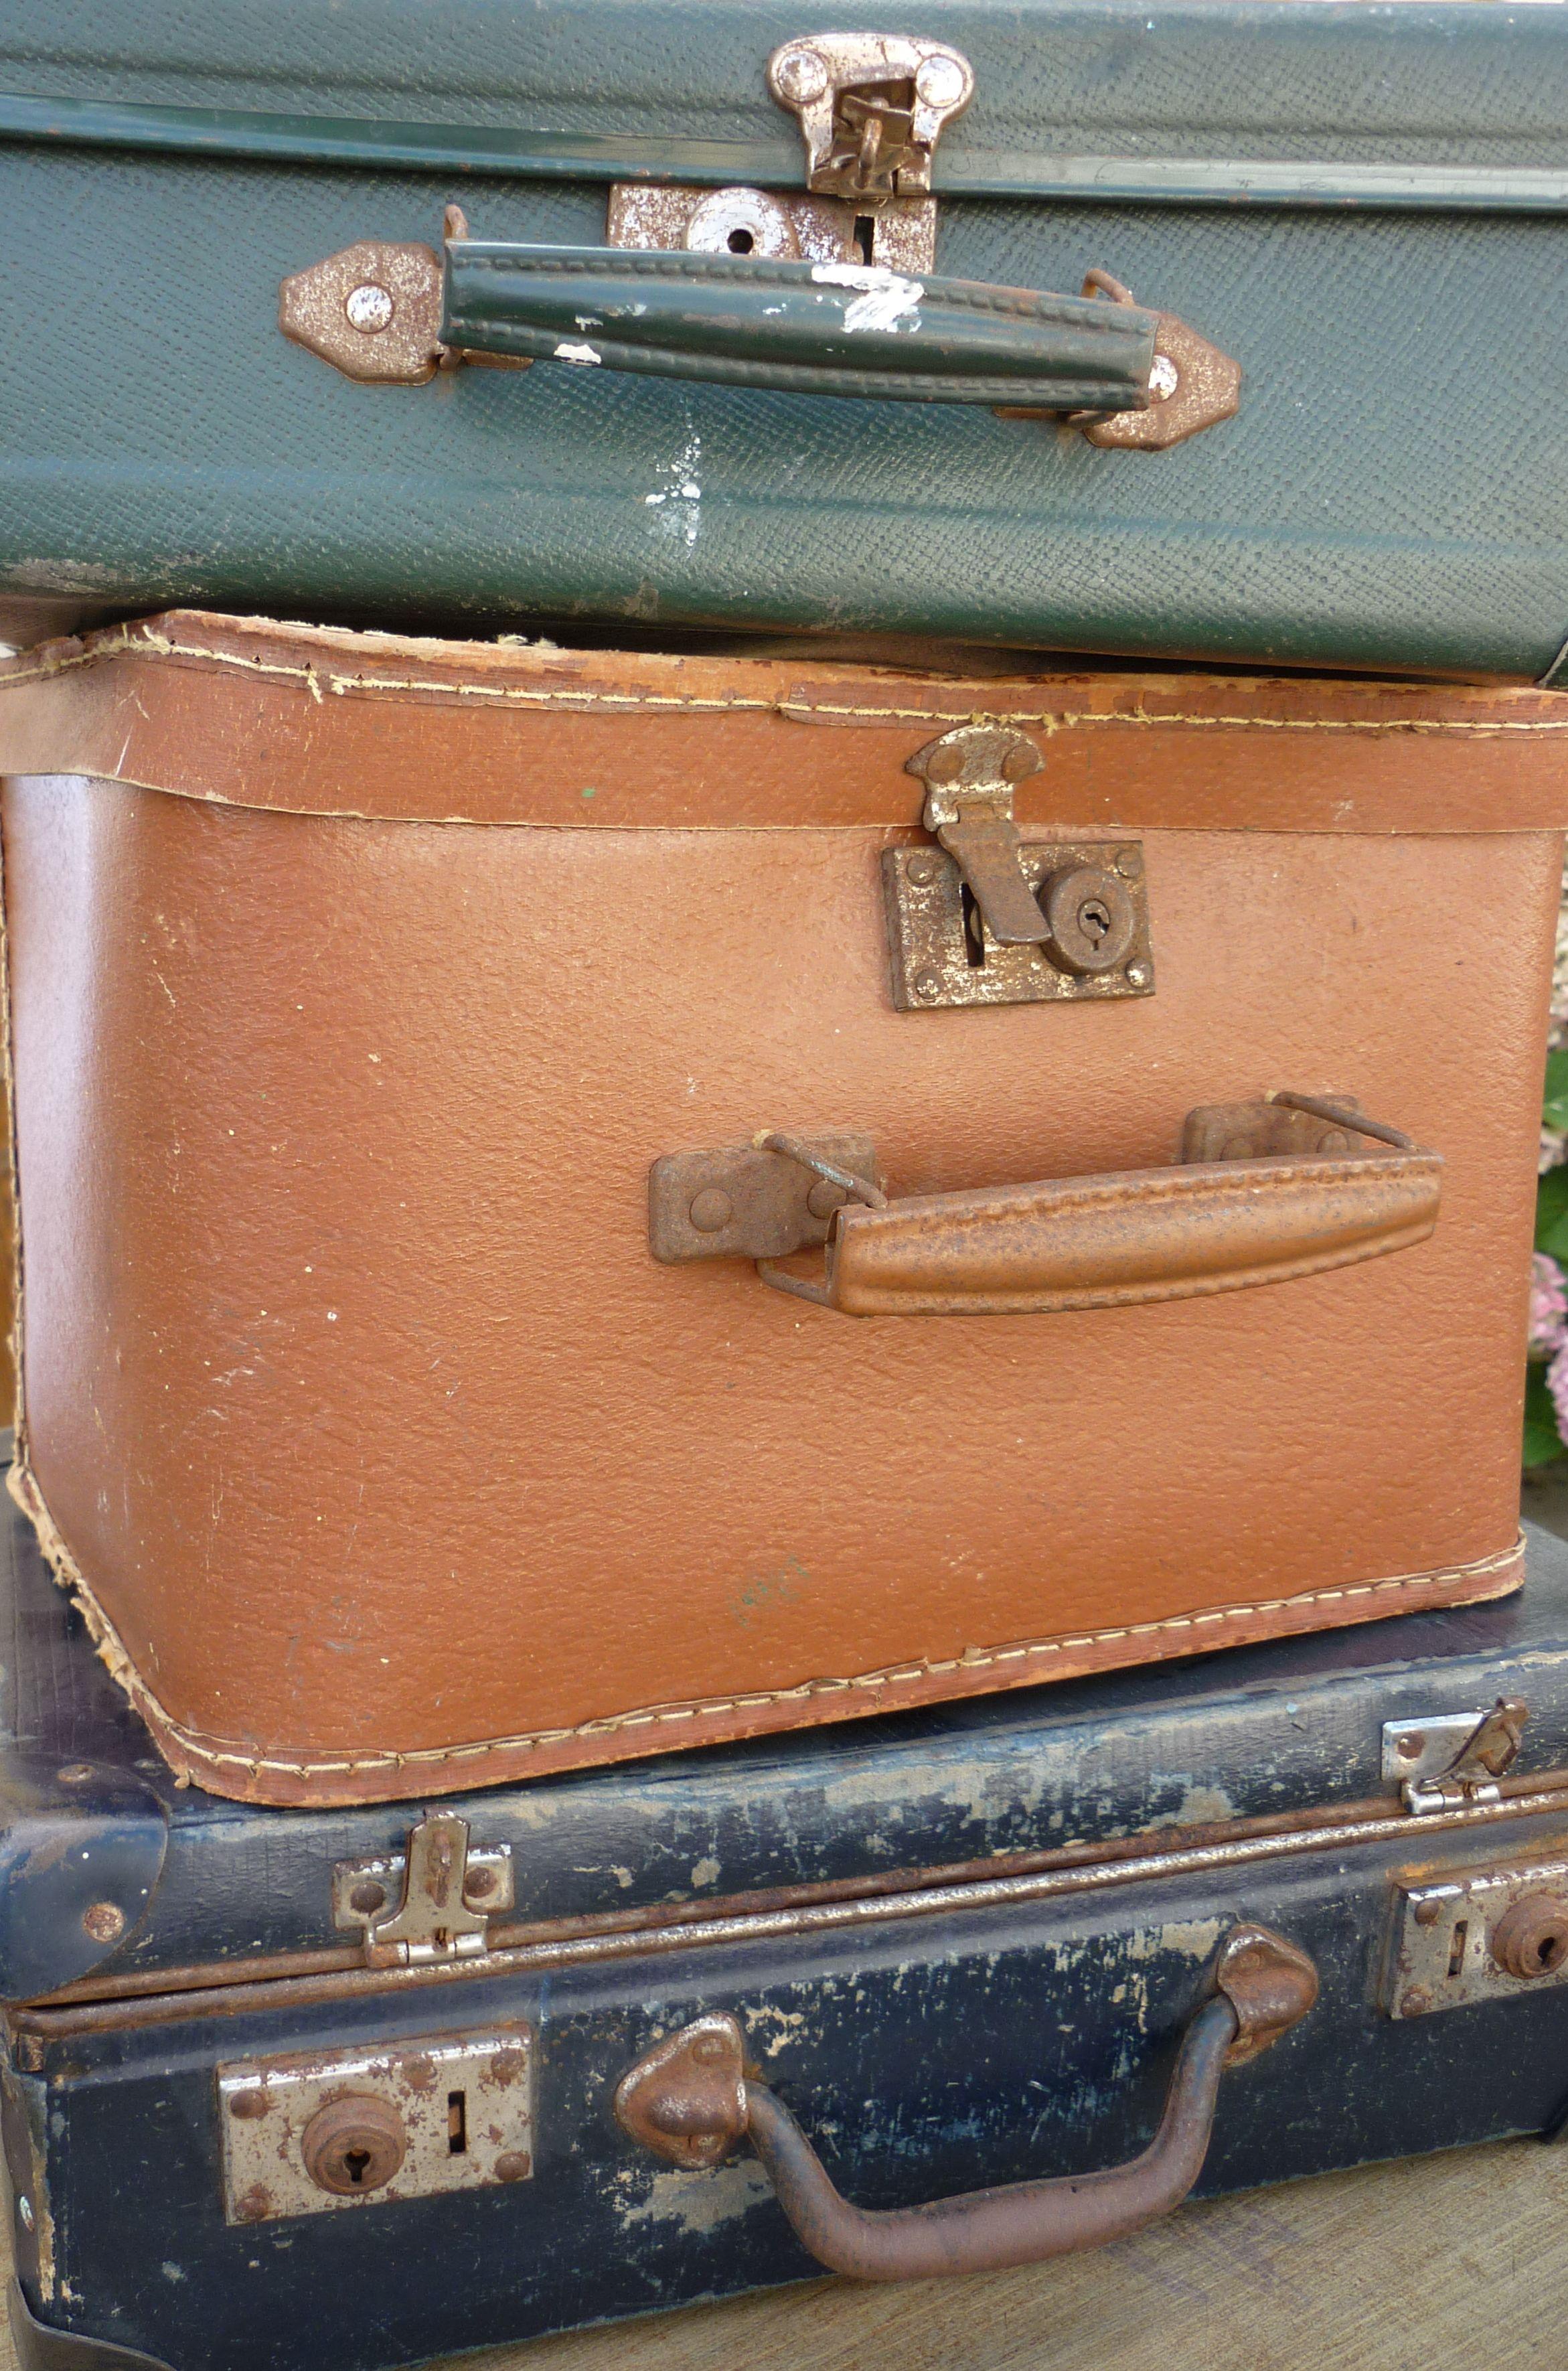 valises différentes taille chez labrocantedenel.canalblog.com